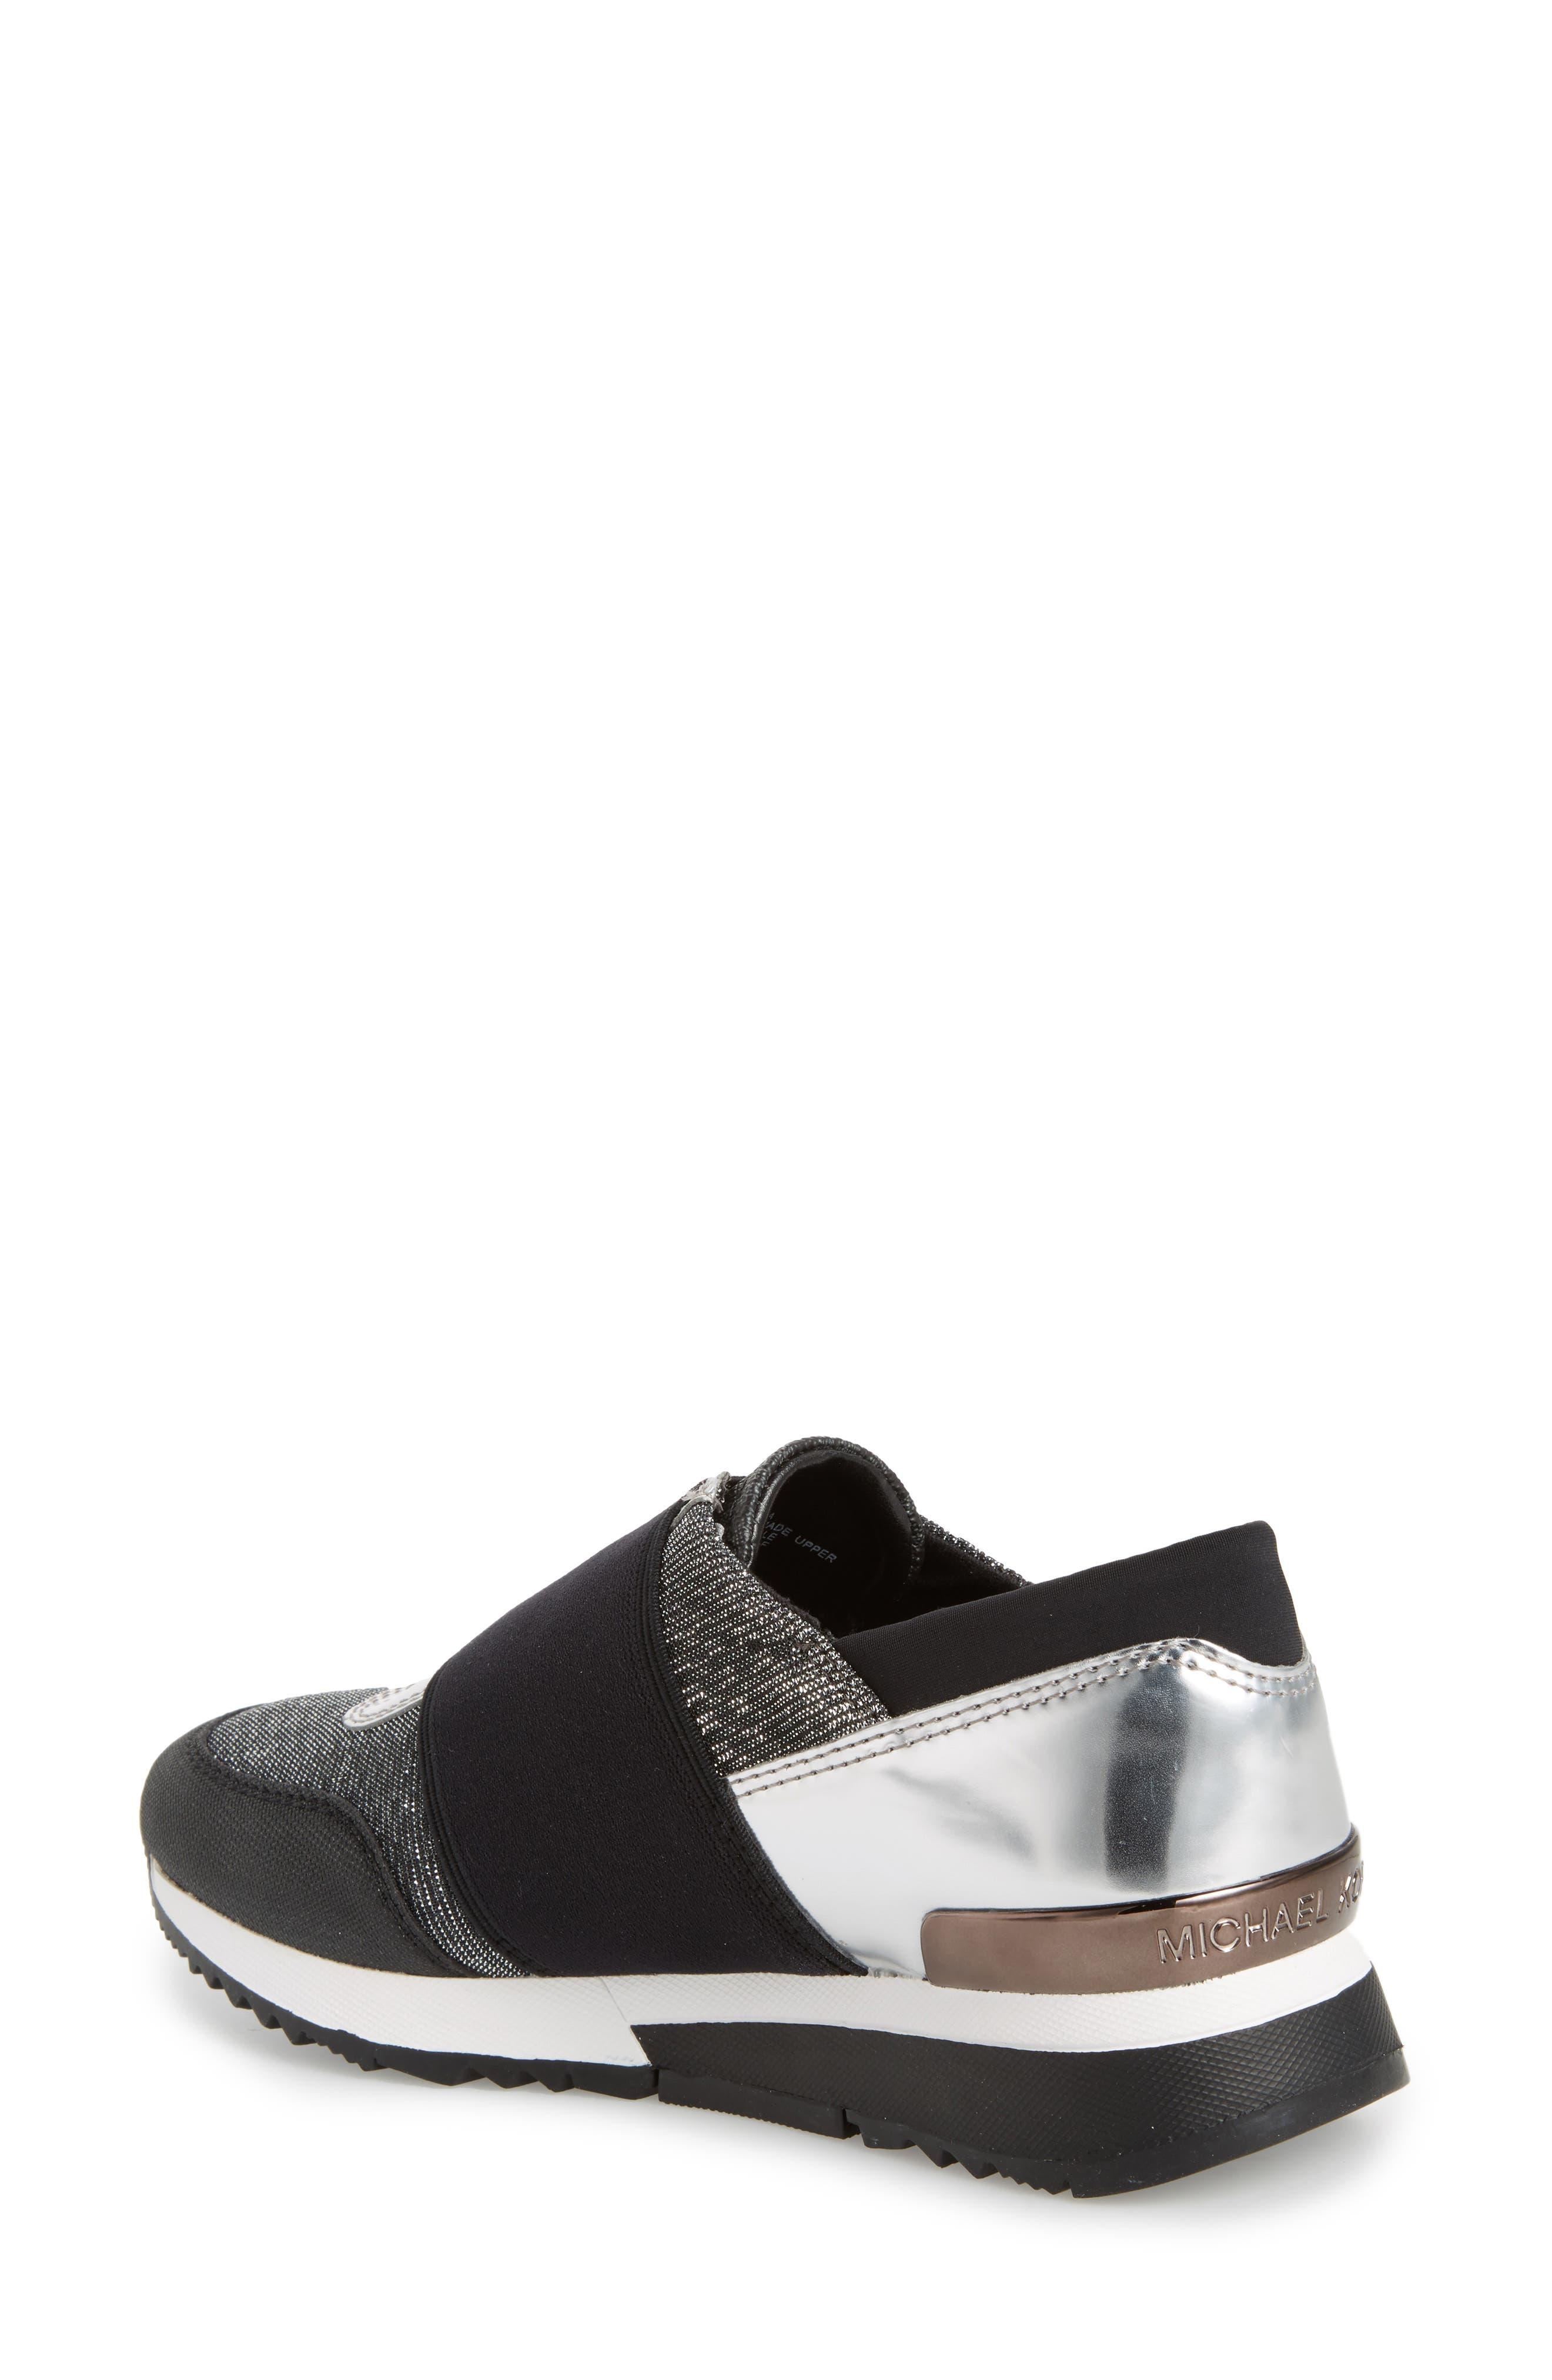 Slip-On Sneaker,                             Alternate thumbnail 2, color,                             001